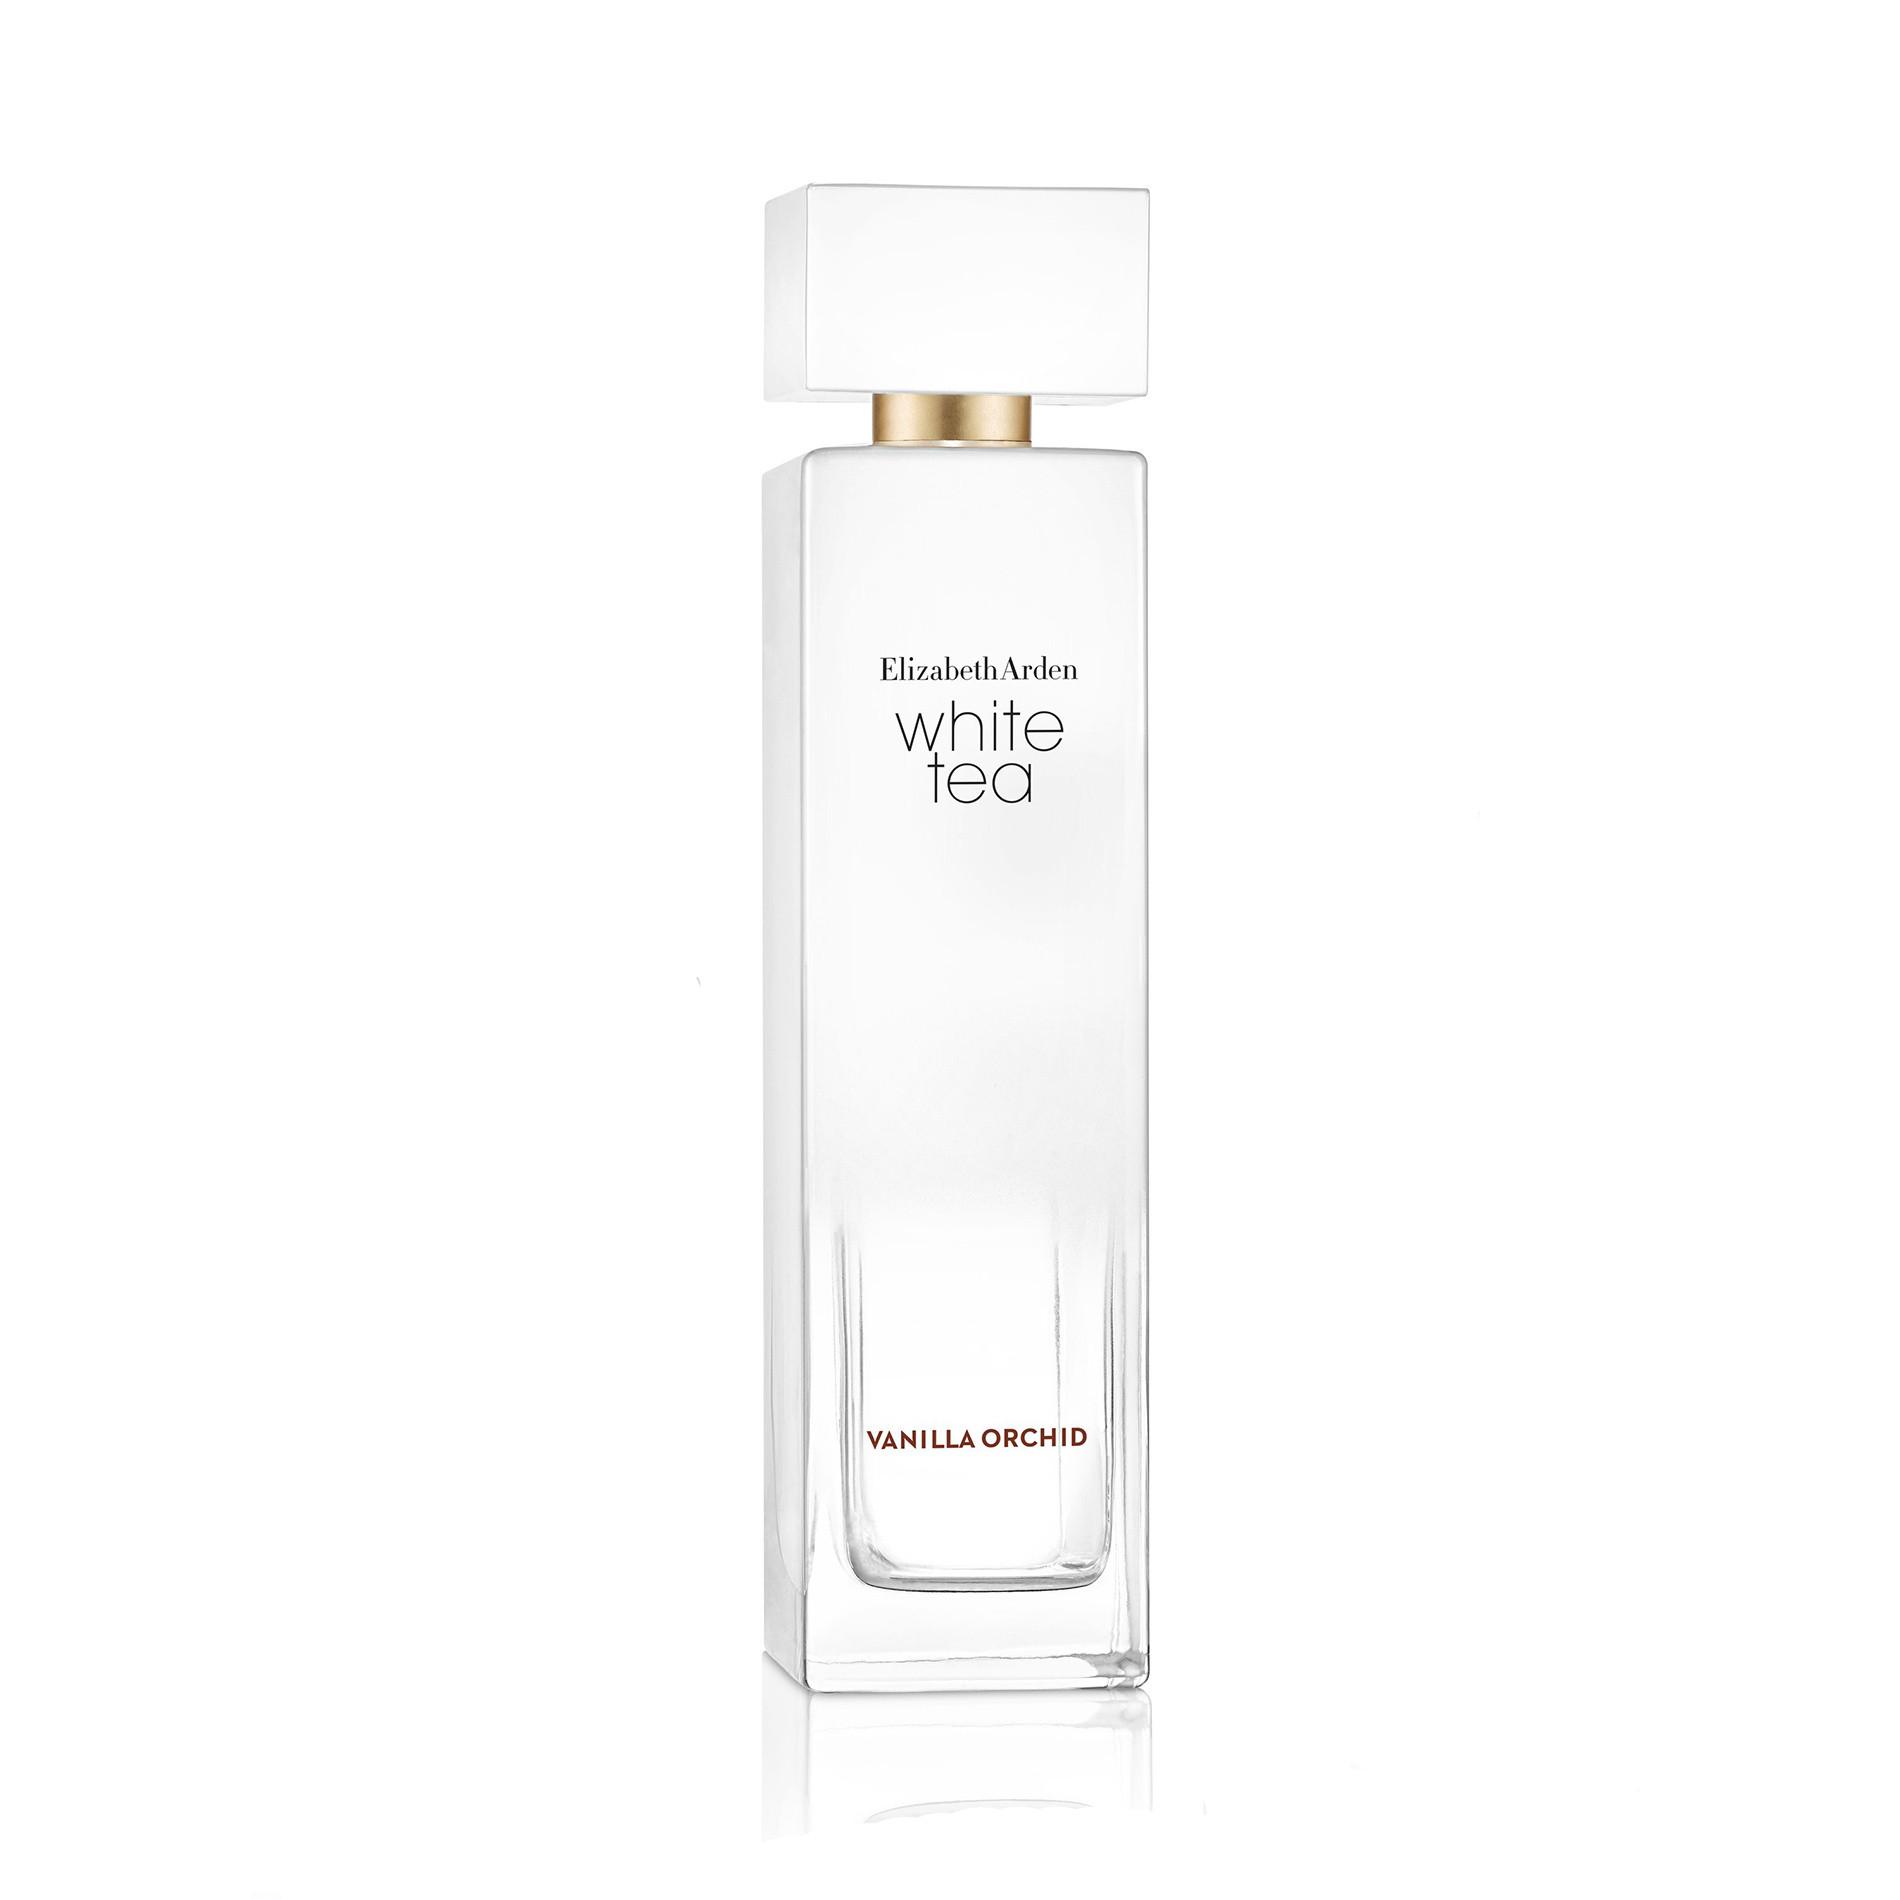 White Tea Vanilla Orchid Eau De Toilette Spray 100 ml, Bianco, large image number 0